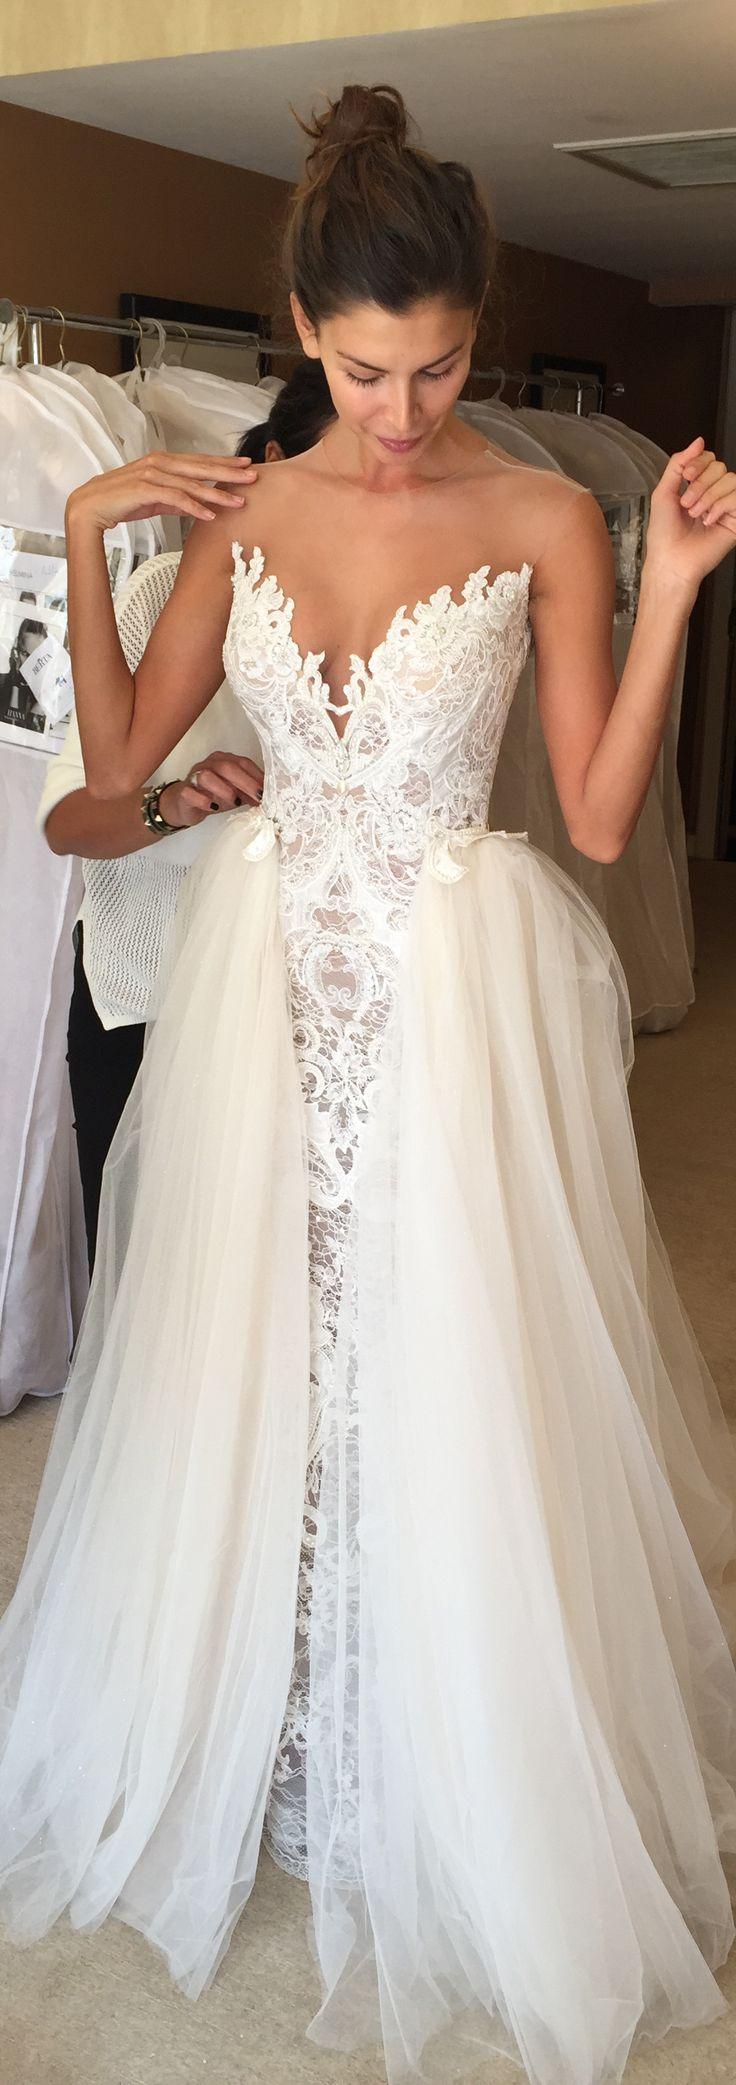 478 best Bridal images by Viky Van de Wild on Pinterest | Gown ...